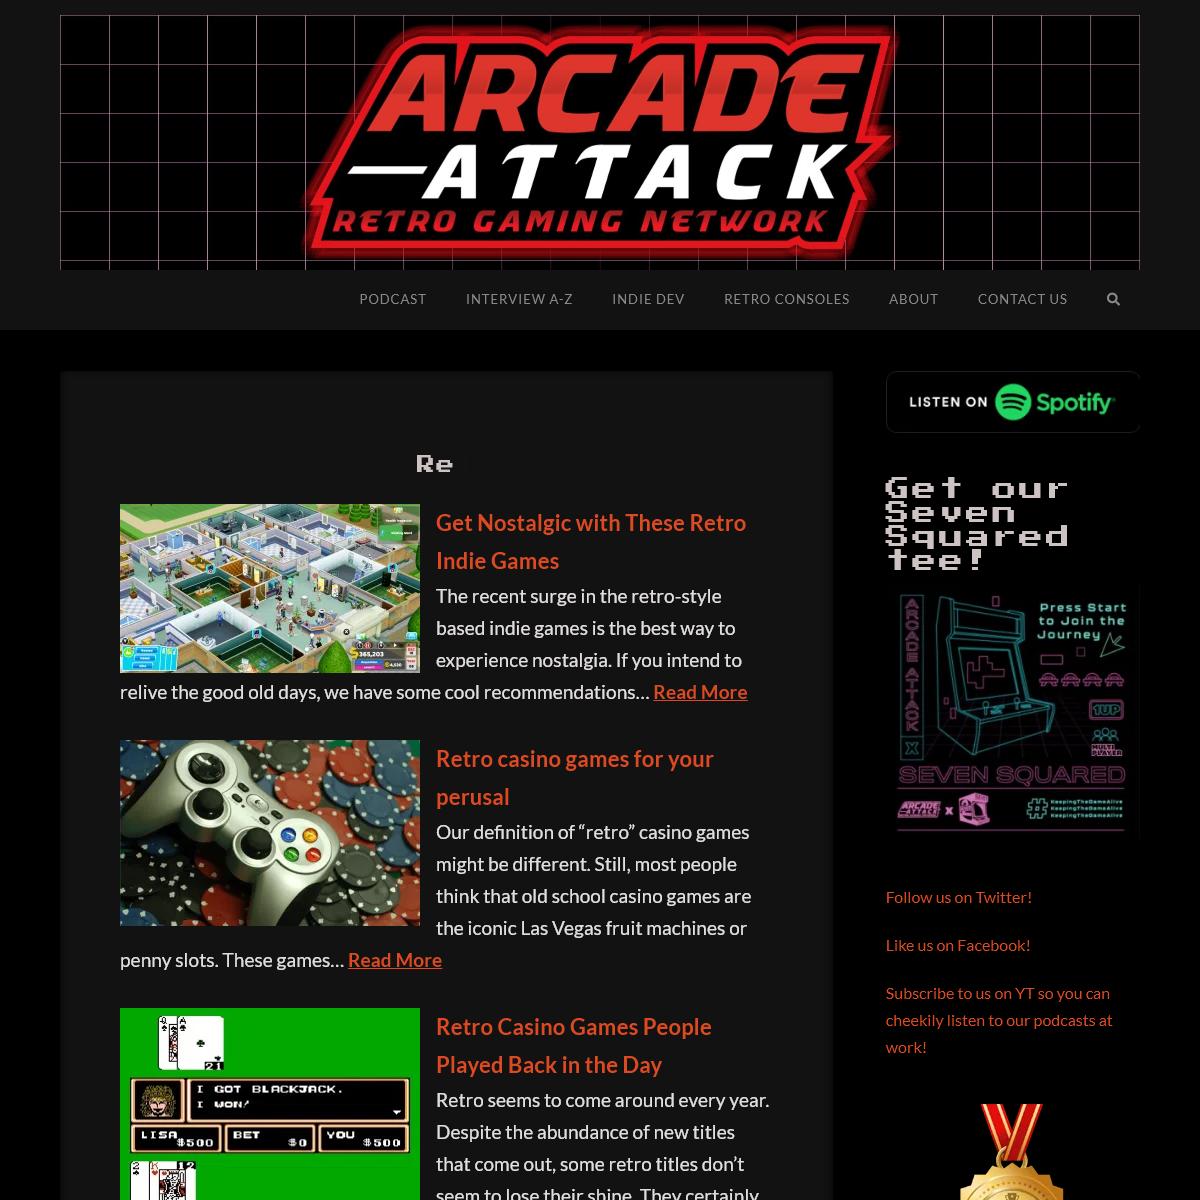 Home - Arcade Attack